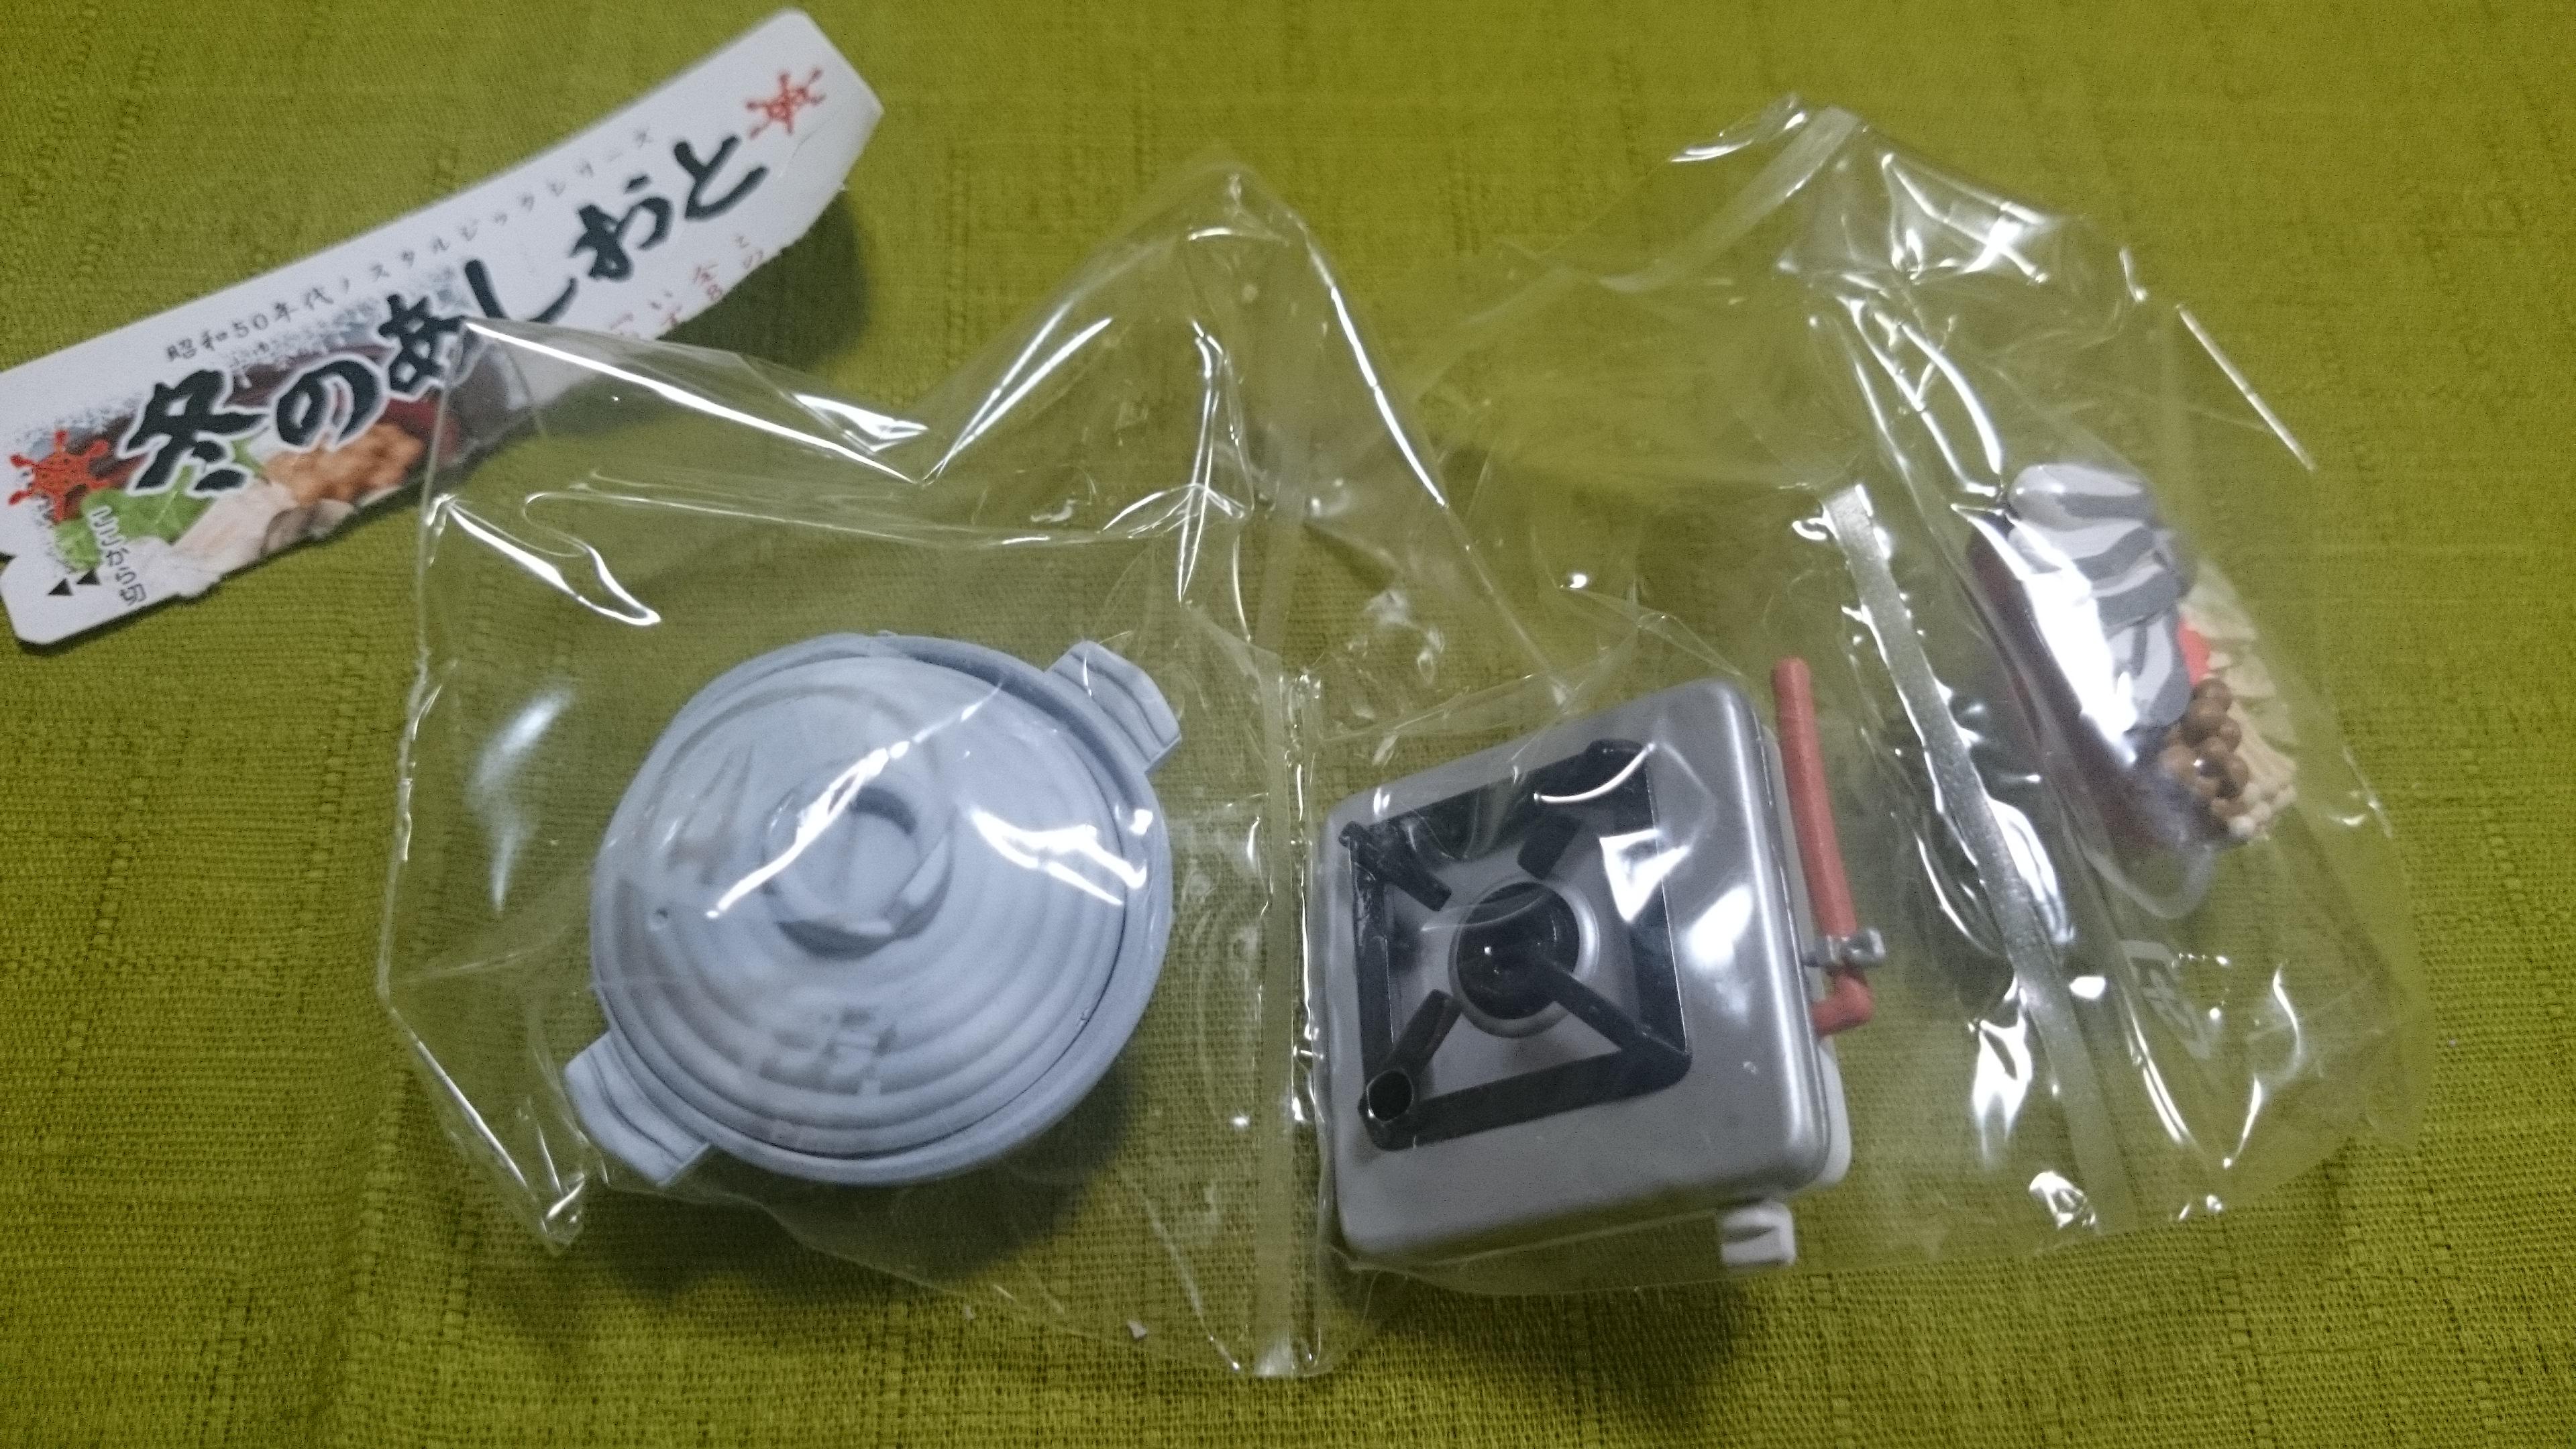 12、鱈ちり鍋/冬のあしおと(株メガハウス)昭和50年代ノスタルジックシリーズ全8種